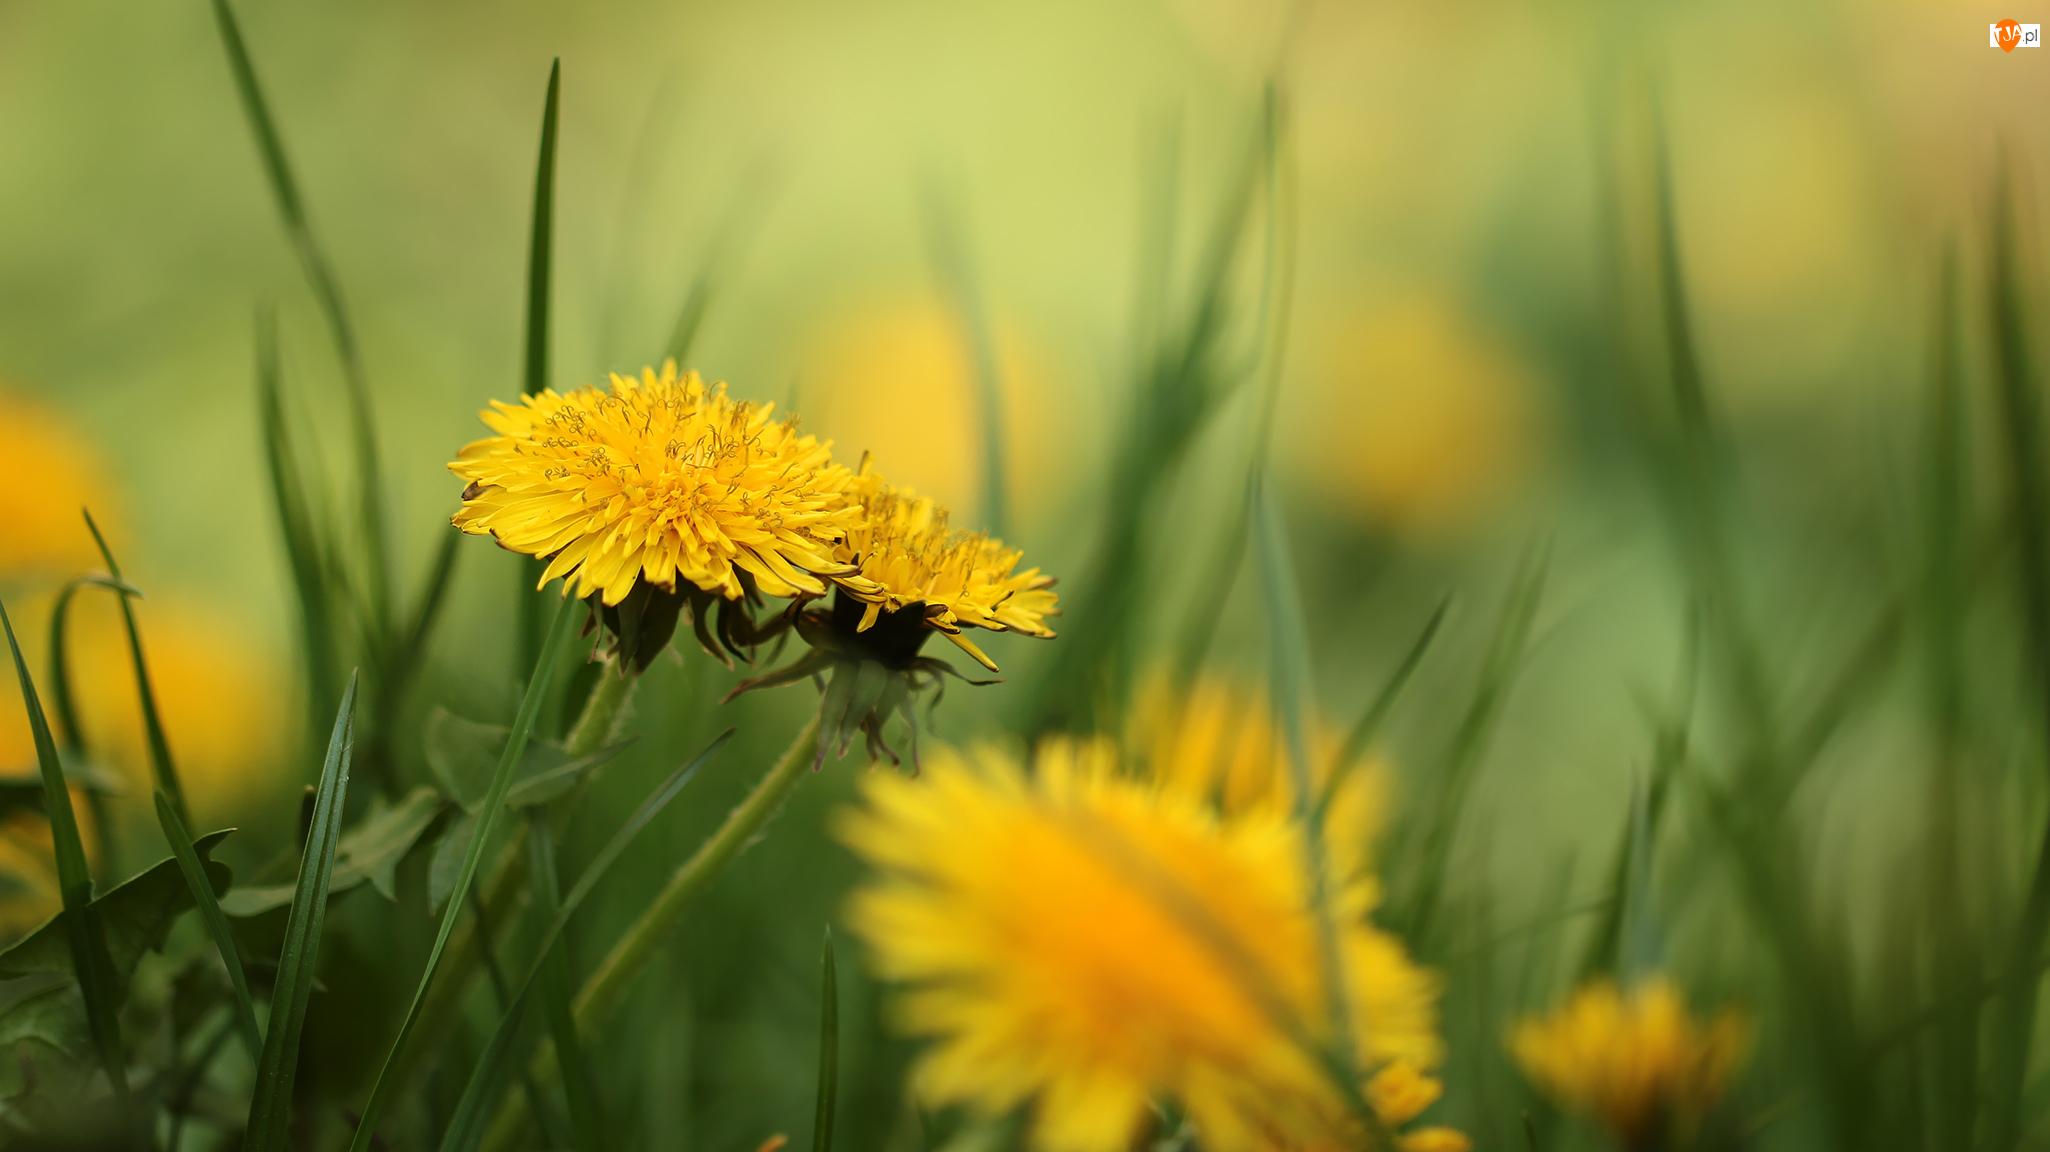 Kwiaty, Mniszek pospolity, Mlecze, Żółte